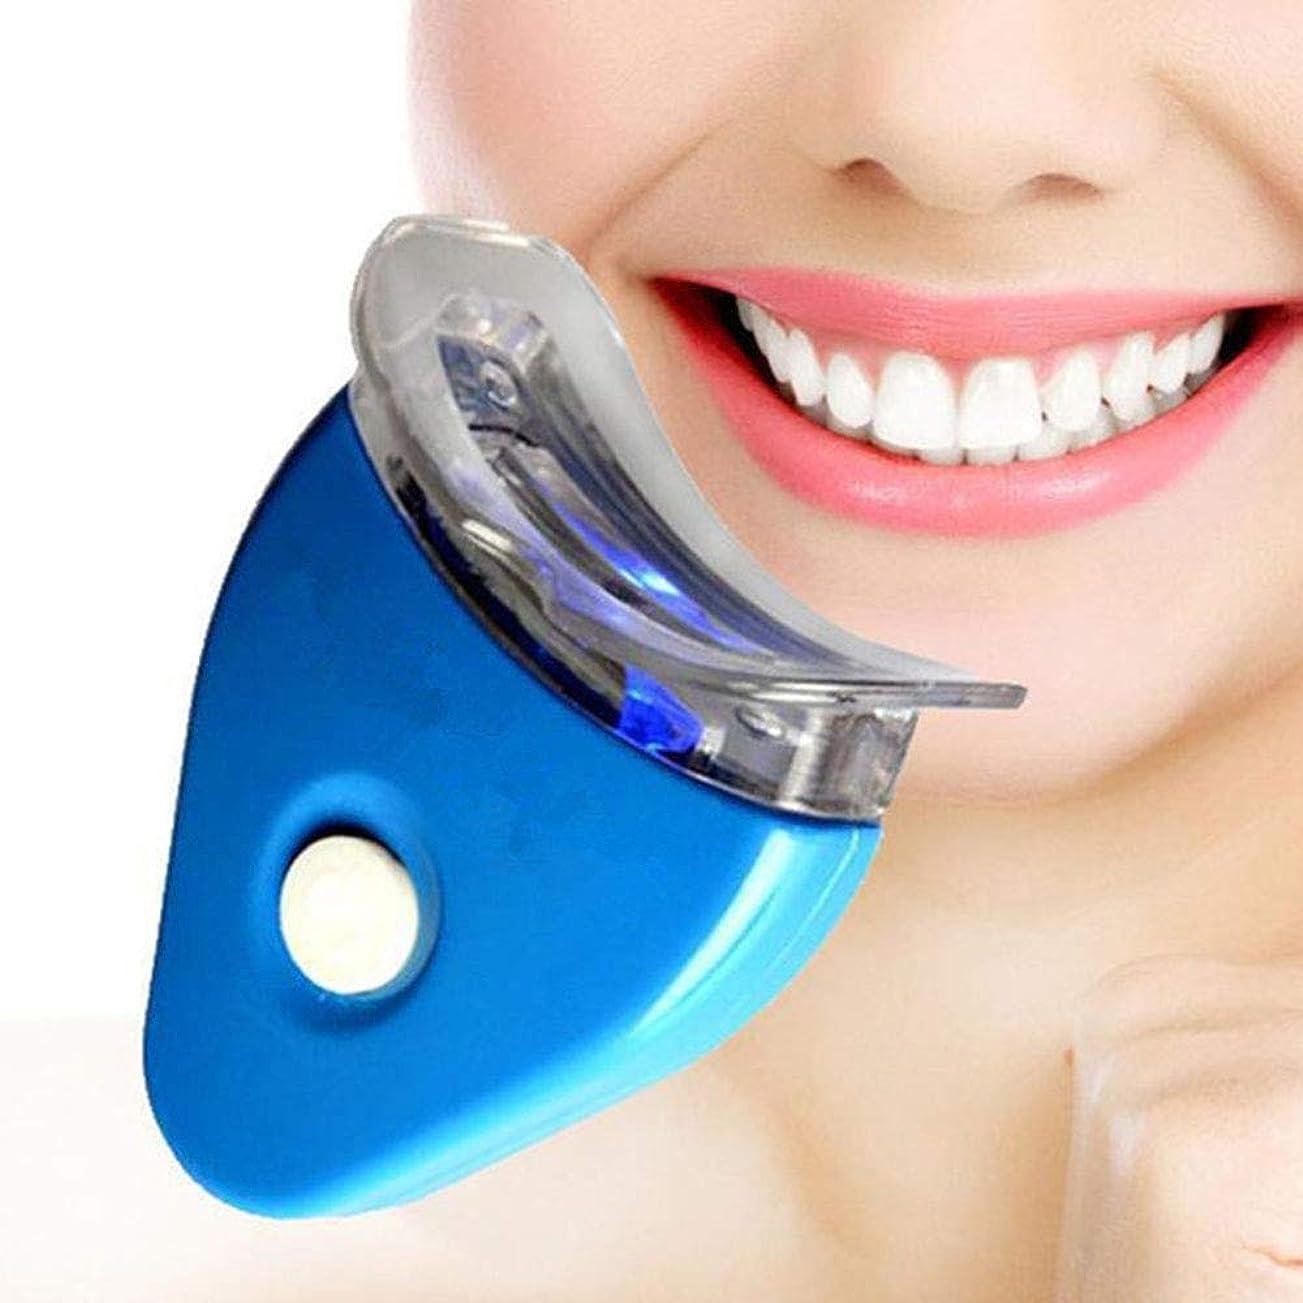 著作権ビーチどれか歯のホワイトニングキット、歯磨き粉漂白健康な口腔ケア歯磨き粉個人用歯科キット/健康な口腔ケア、LEDライト付き